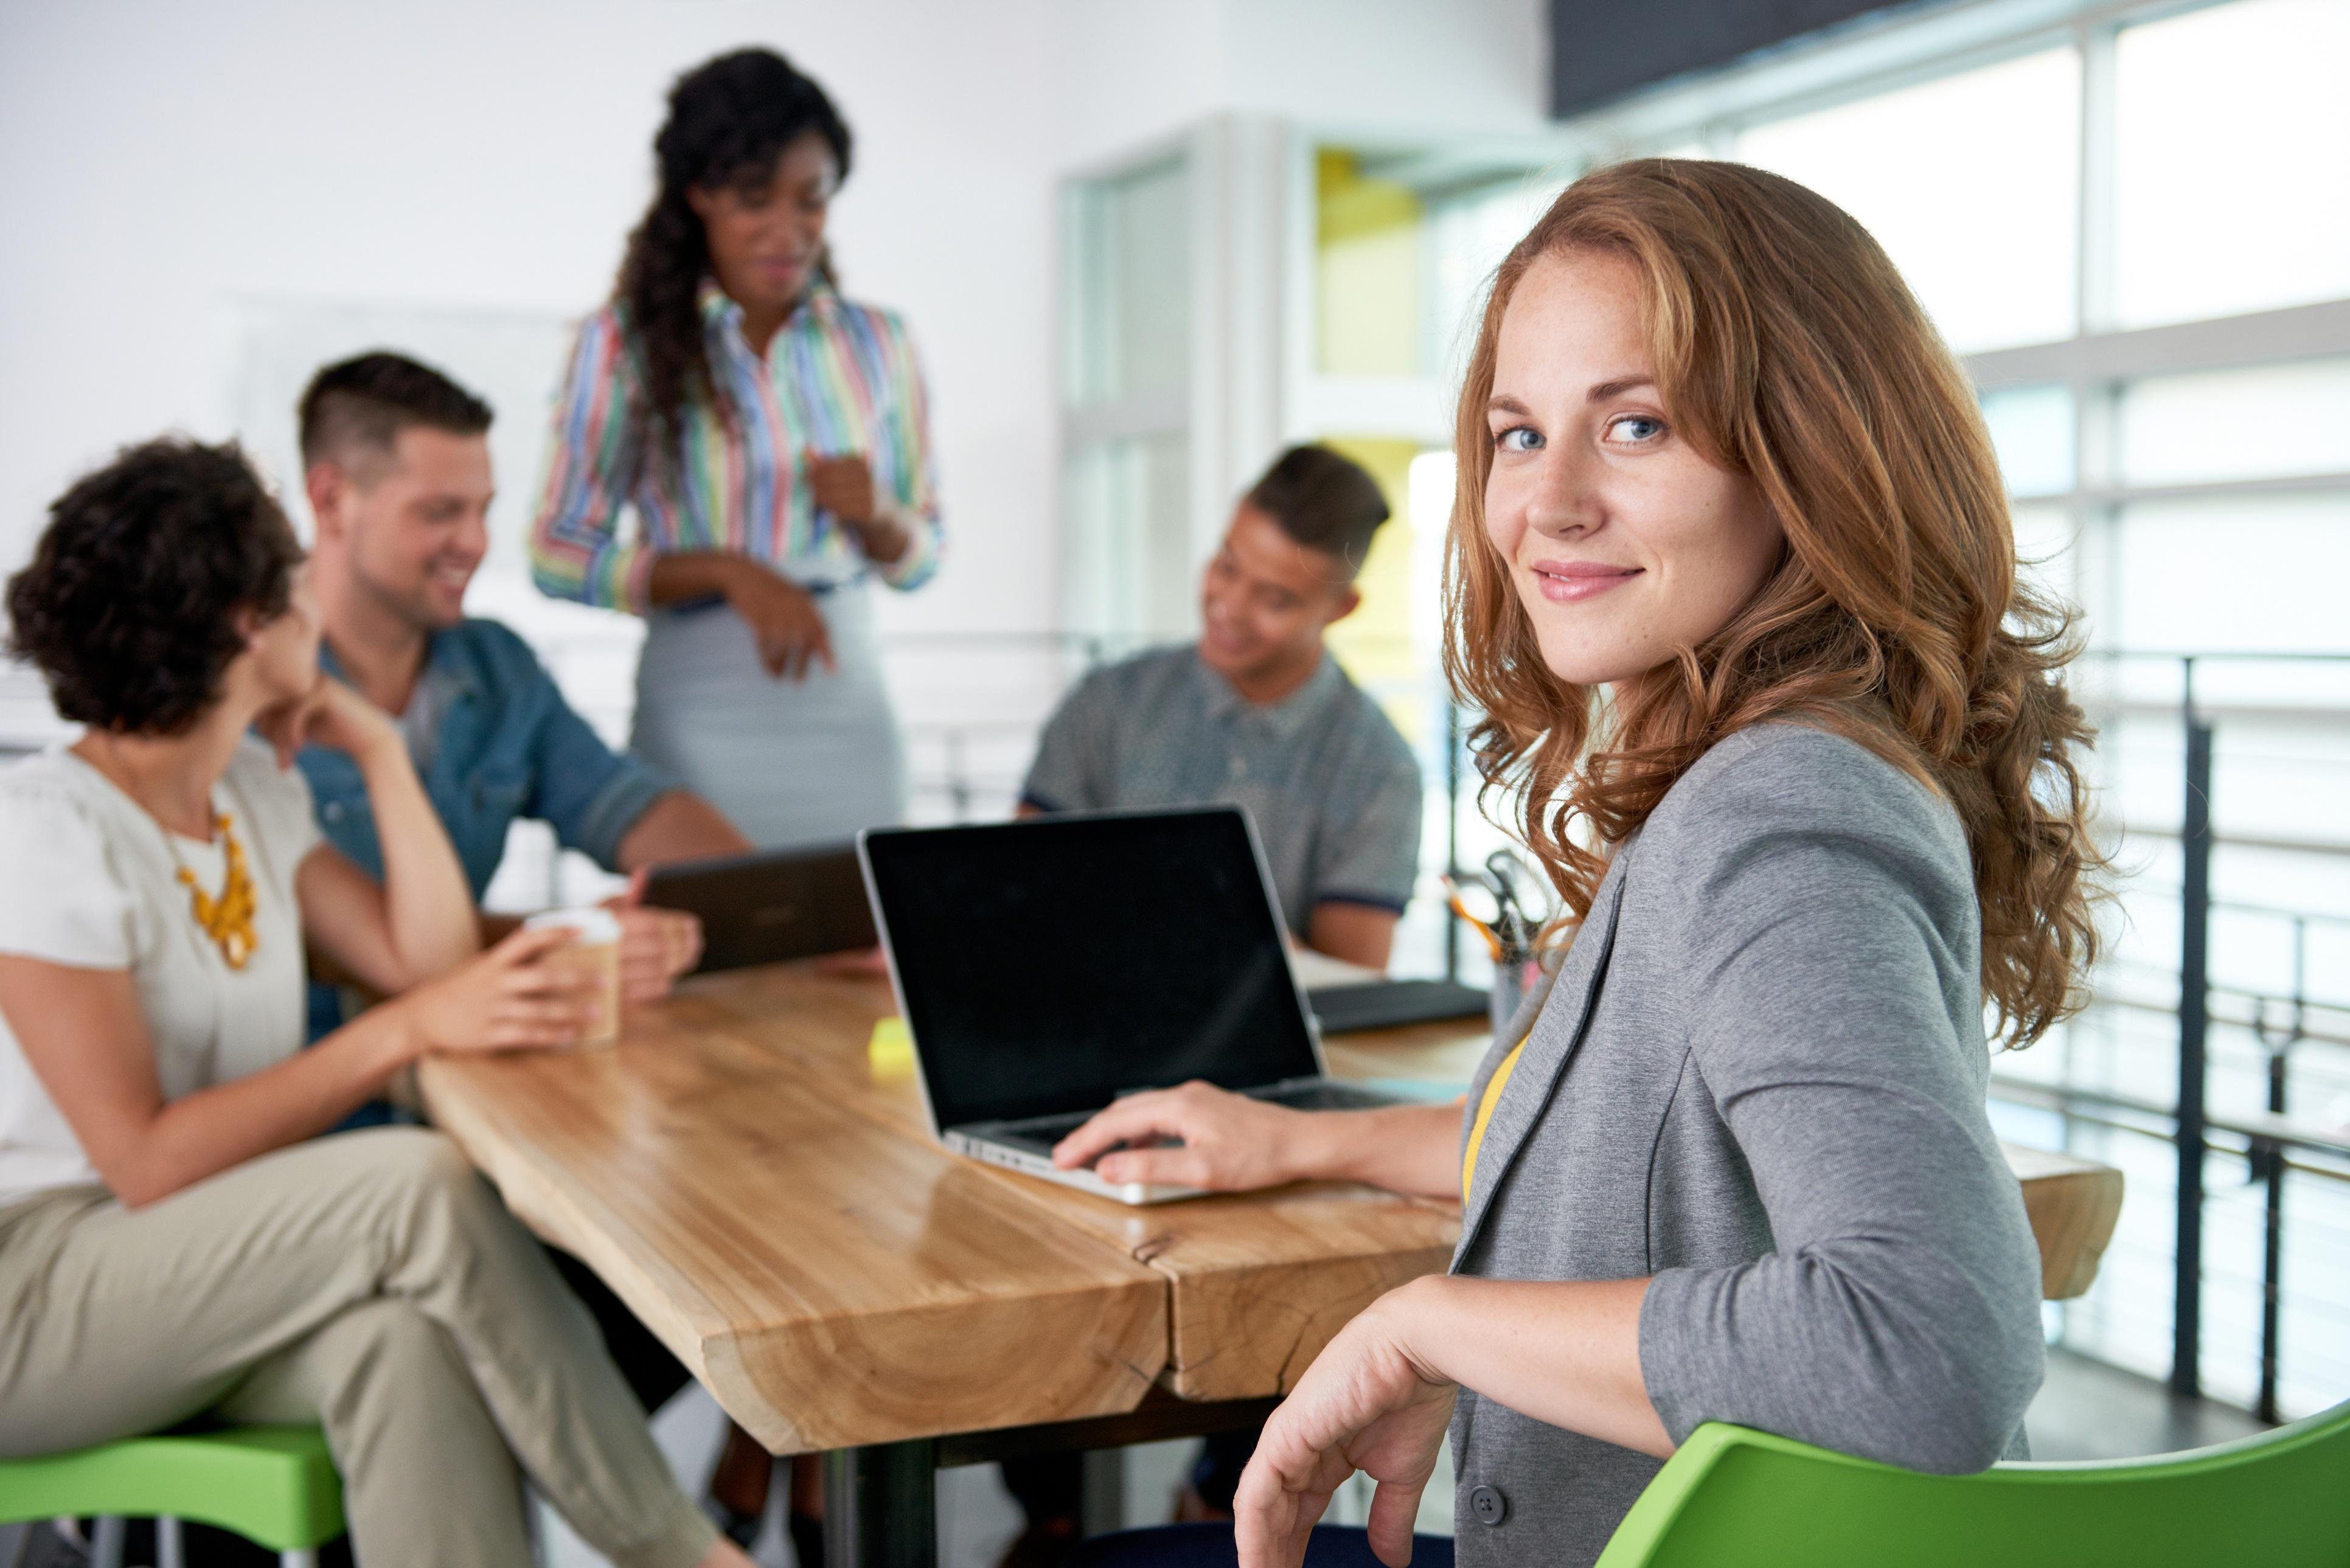 Préparer un événement d'entreprise : les 4 clés d'une réunion de planification efficace